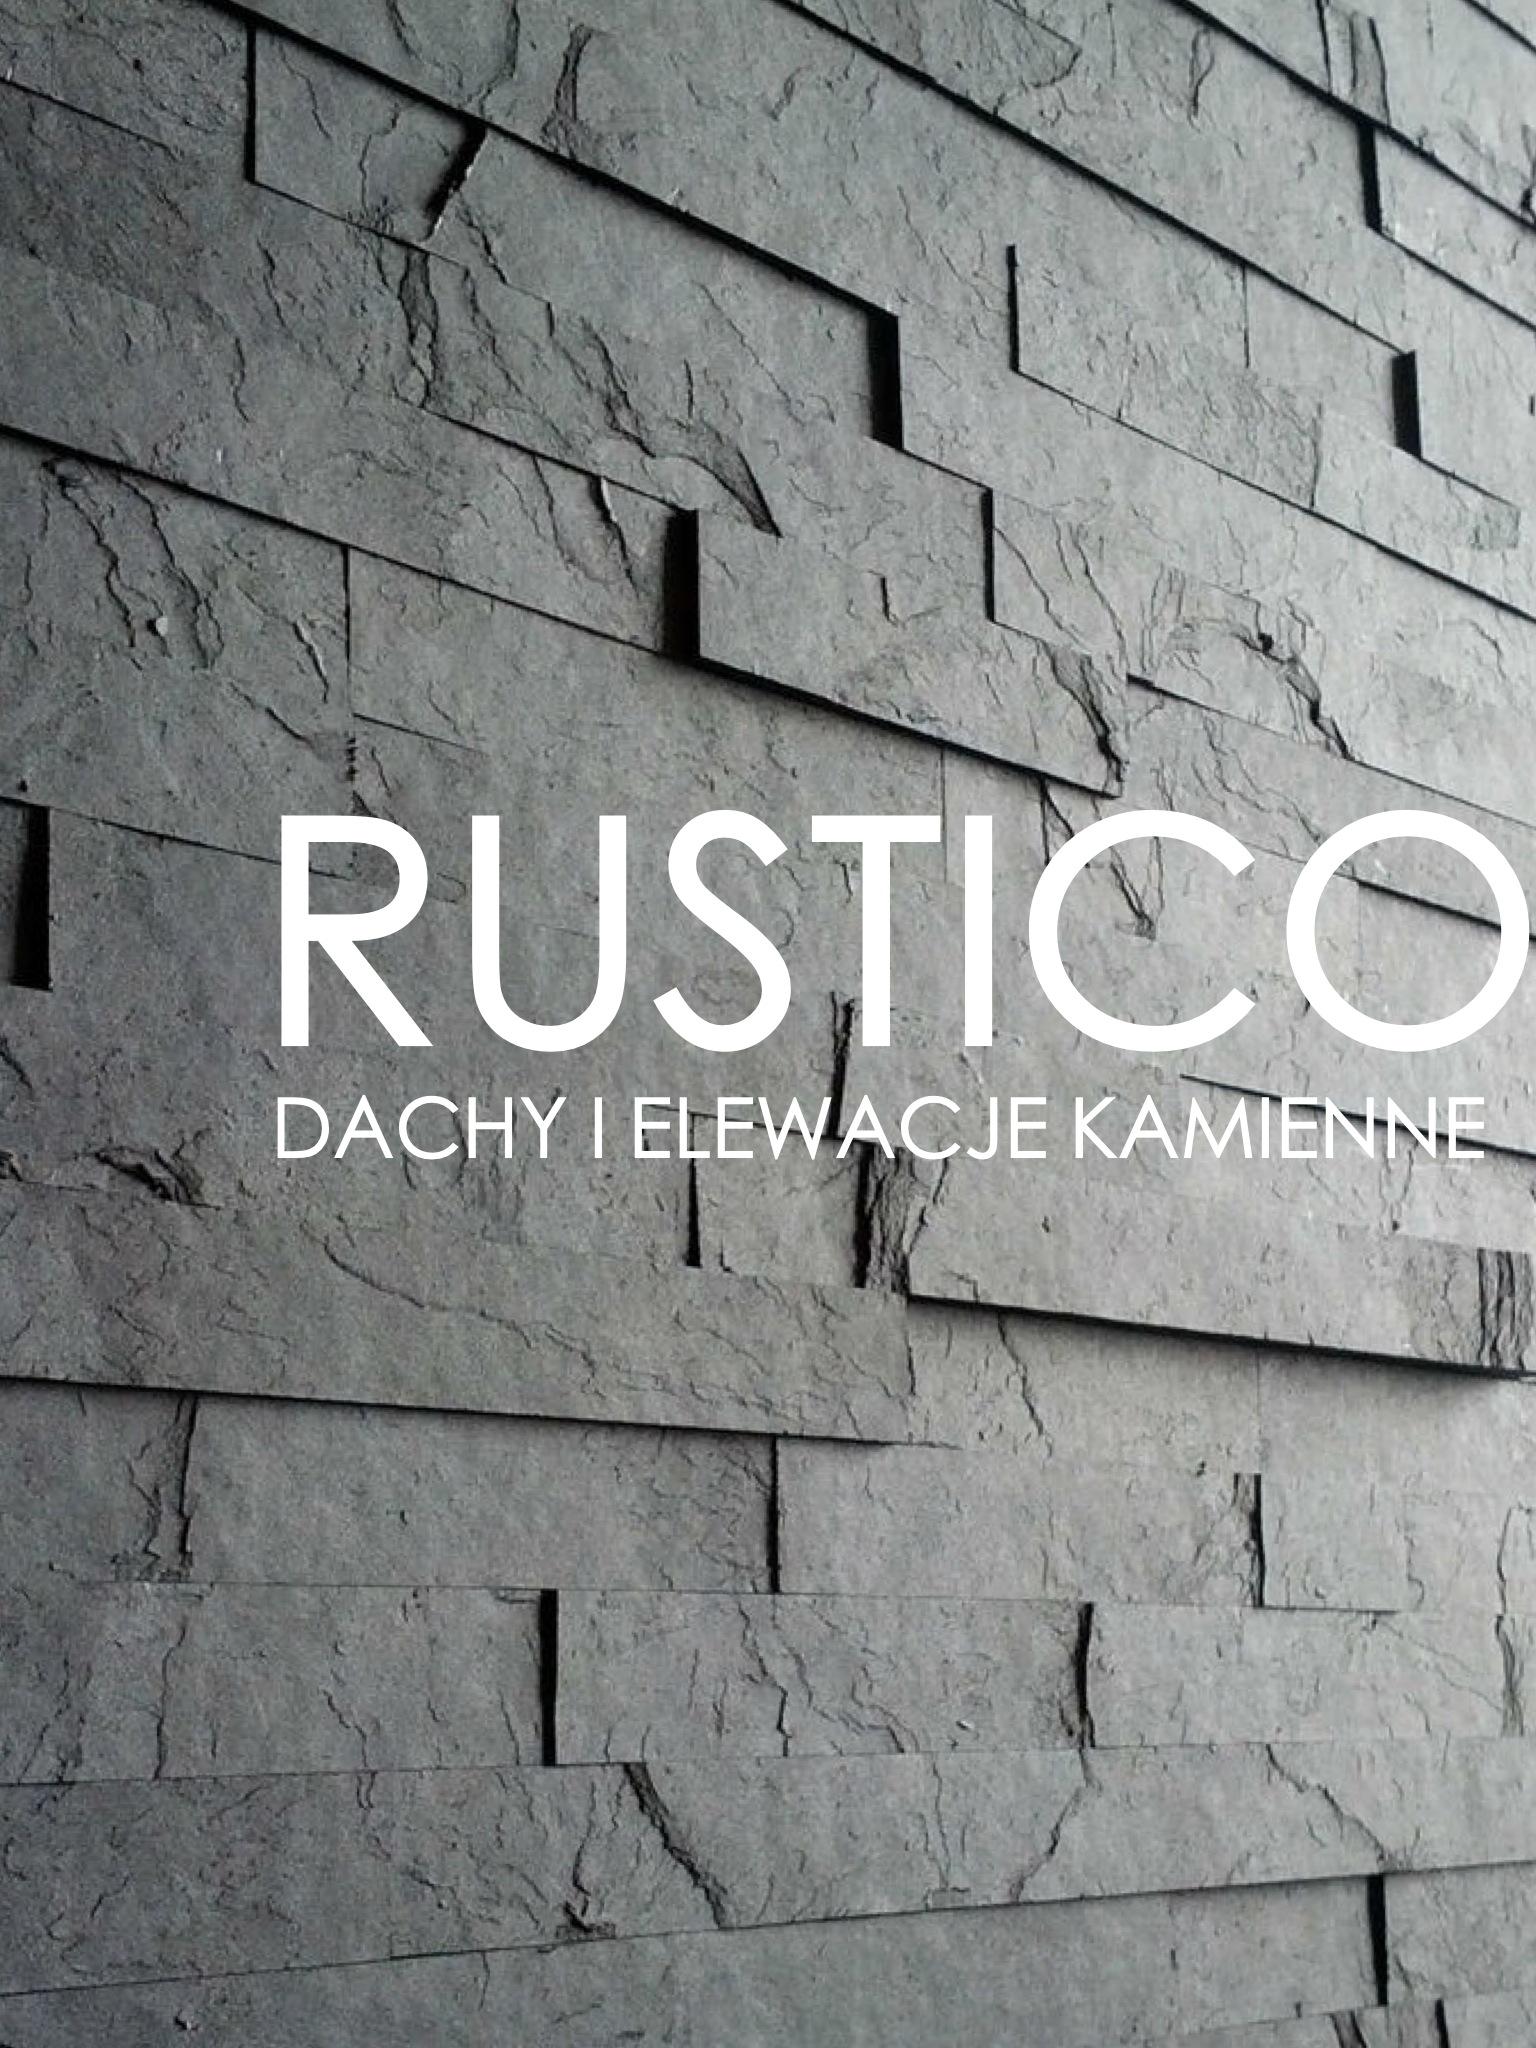 RUSTICO ŁUPEK DACHOWY